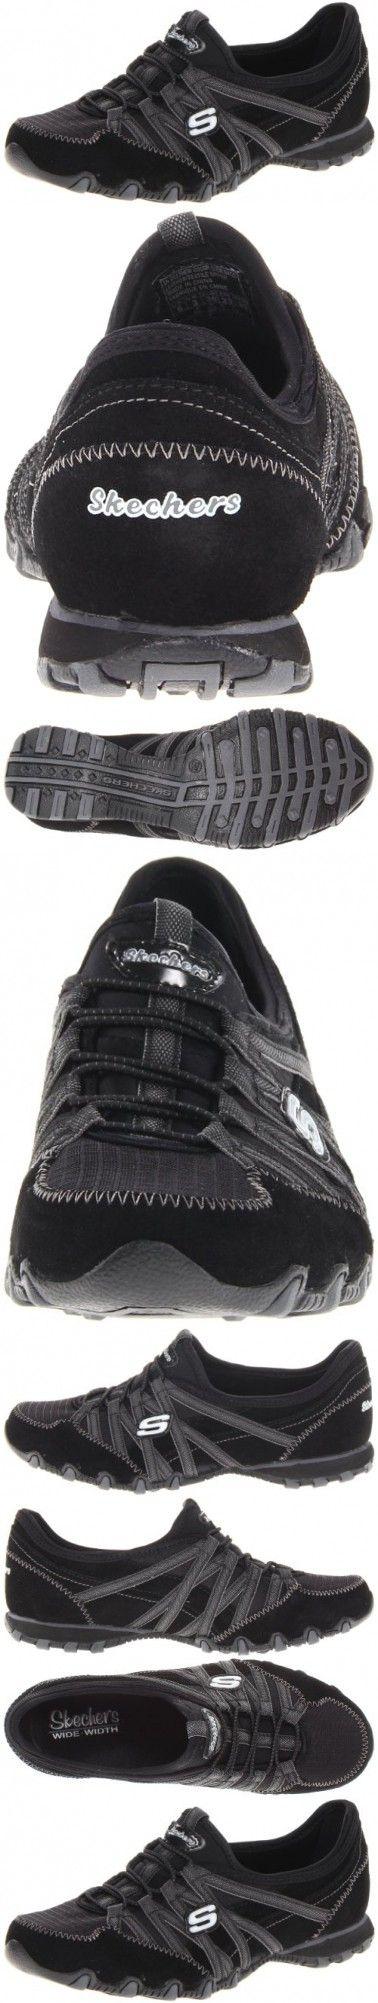 Skechers Sport Women's Verified Fashion Sneaker,Black/Charcoal,7.5 M US